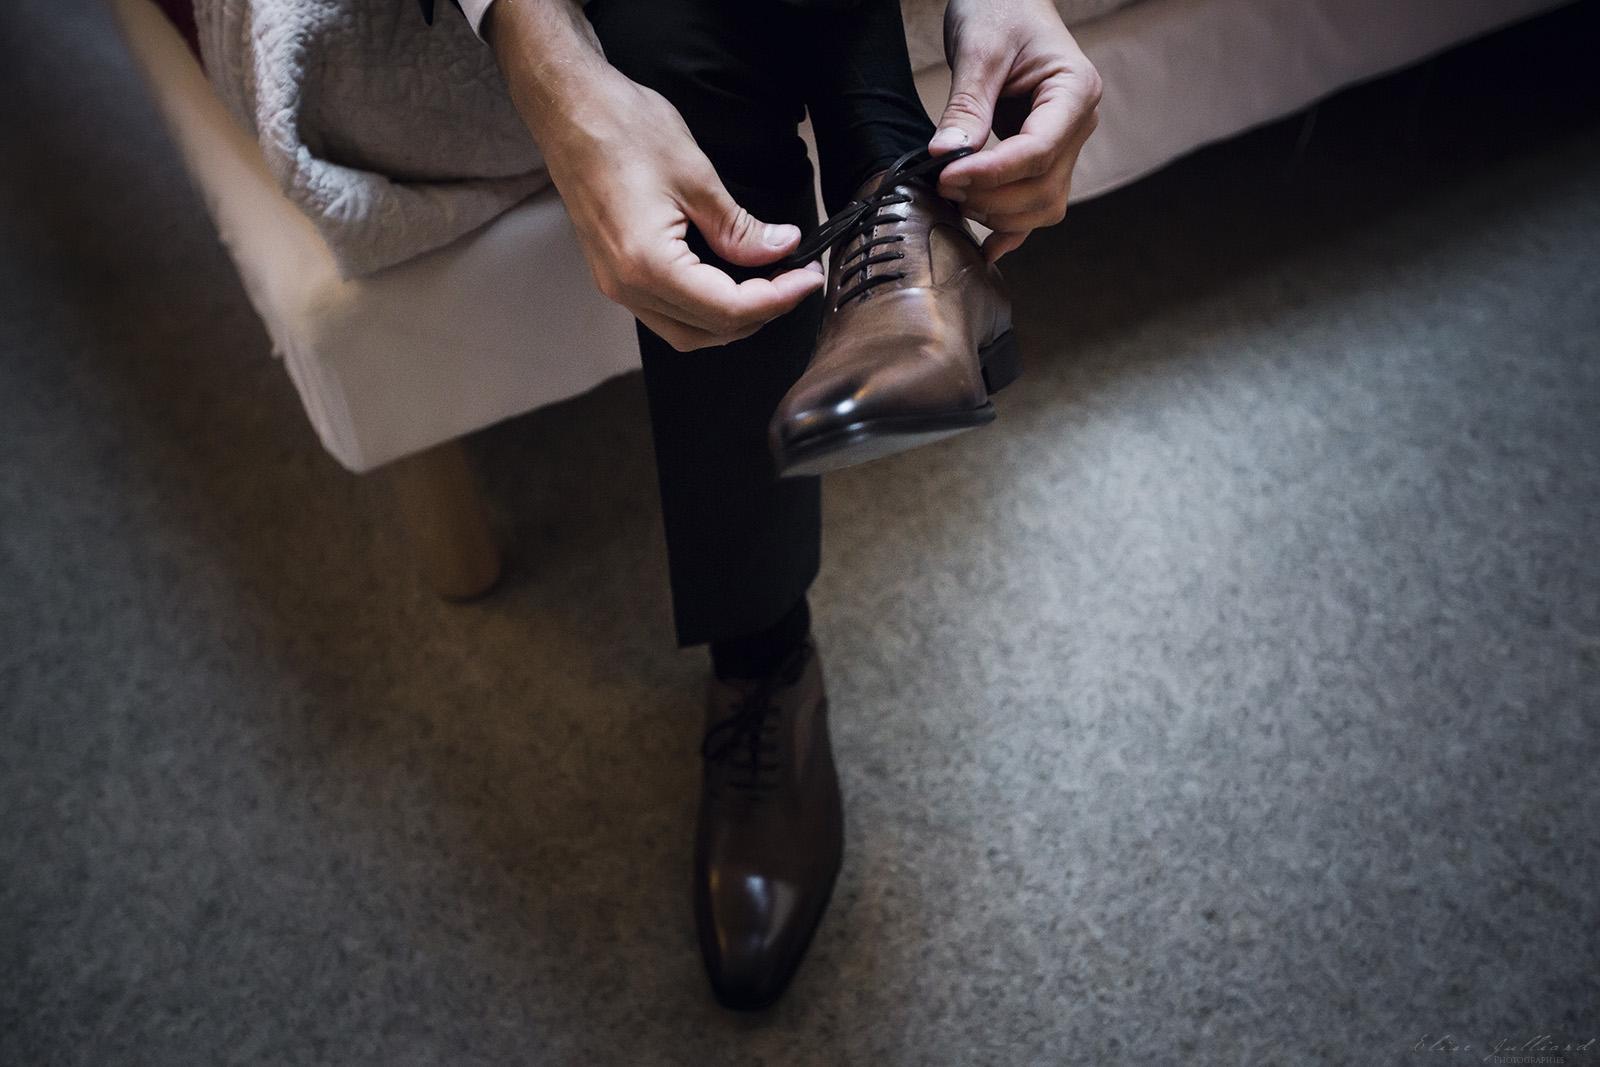 mariage-preparatifs-chaussures-couple-amour-amoureux-wedding-photographe-elise-julliard-lyon-auvergne-rhone-alpes-savoie-saint-francois-longchamp-maurienne